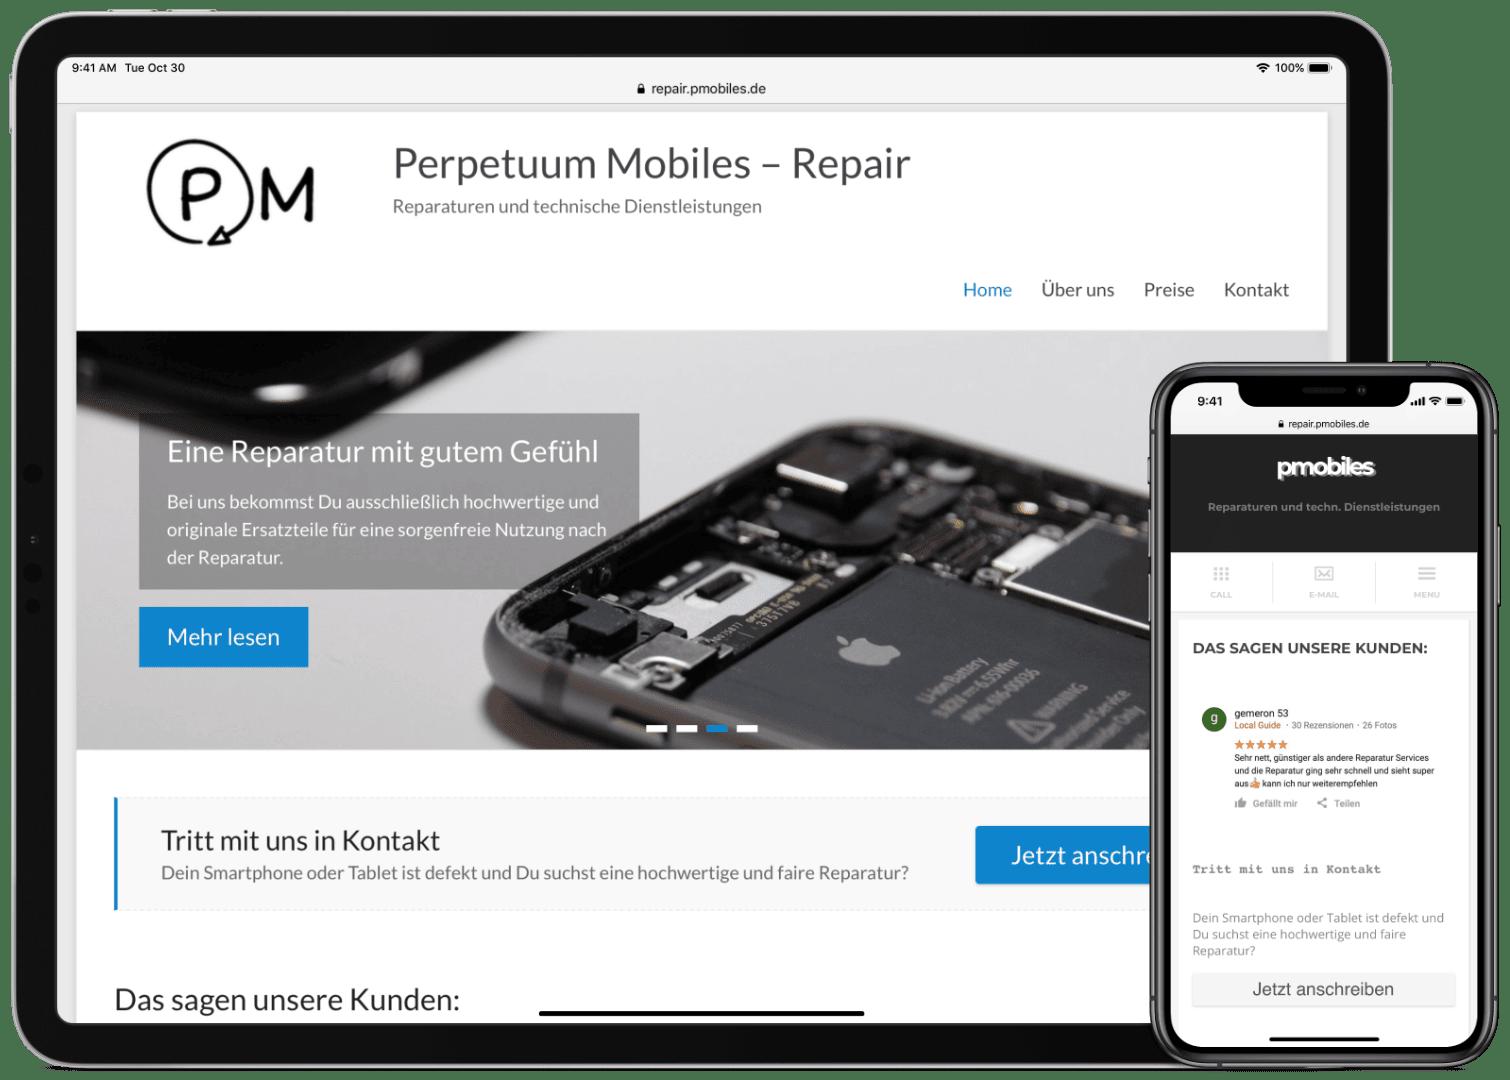 Website von PMOBILES auf einem Tablet und einem Smartphone mit Ansicht der jeweiligen Landingpage. Das Smartphone hat eine gesonderte, mobiloptimierte Version